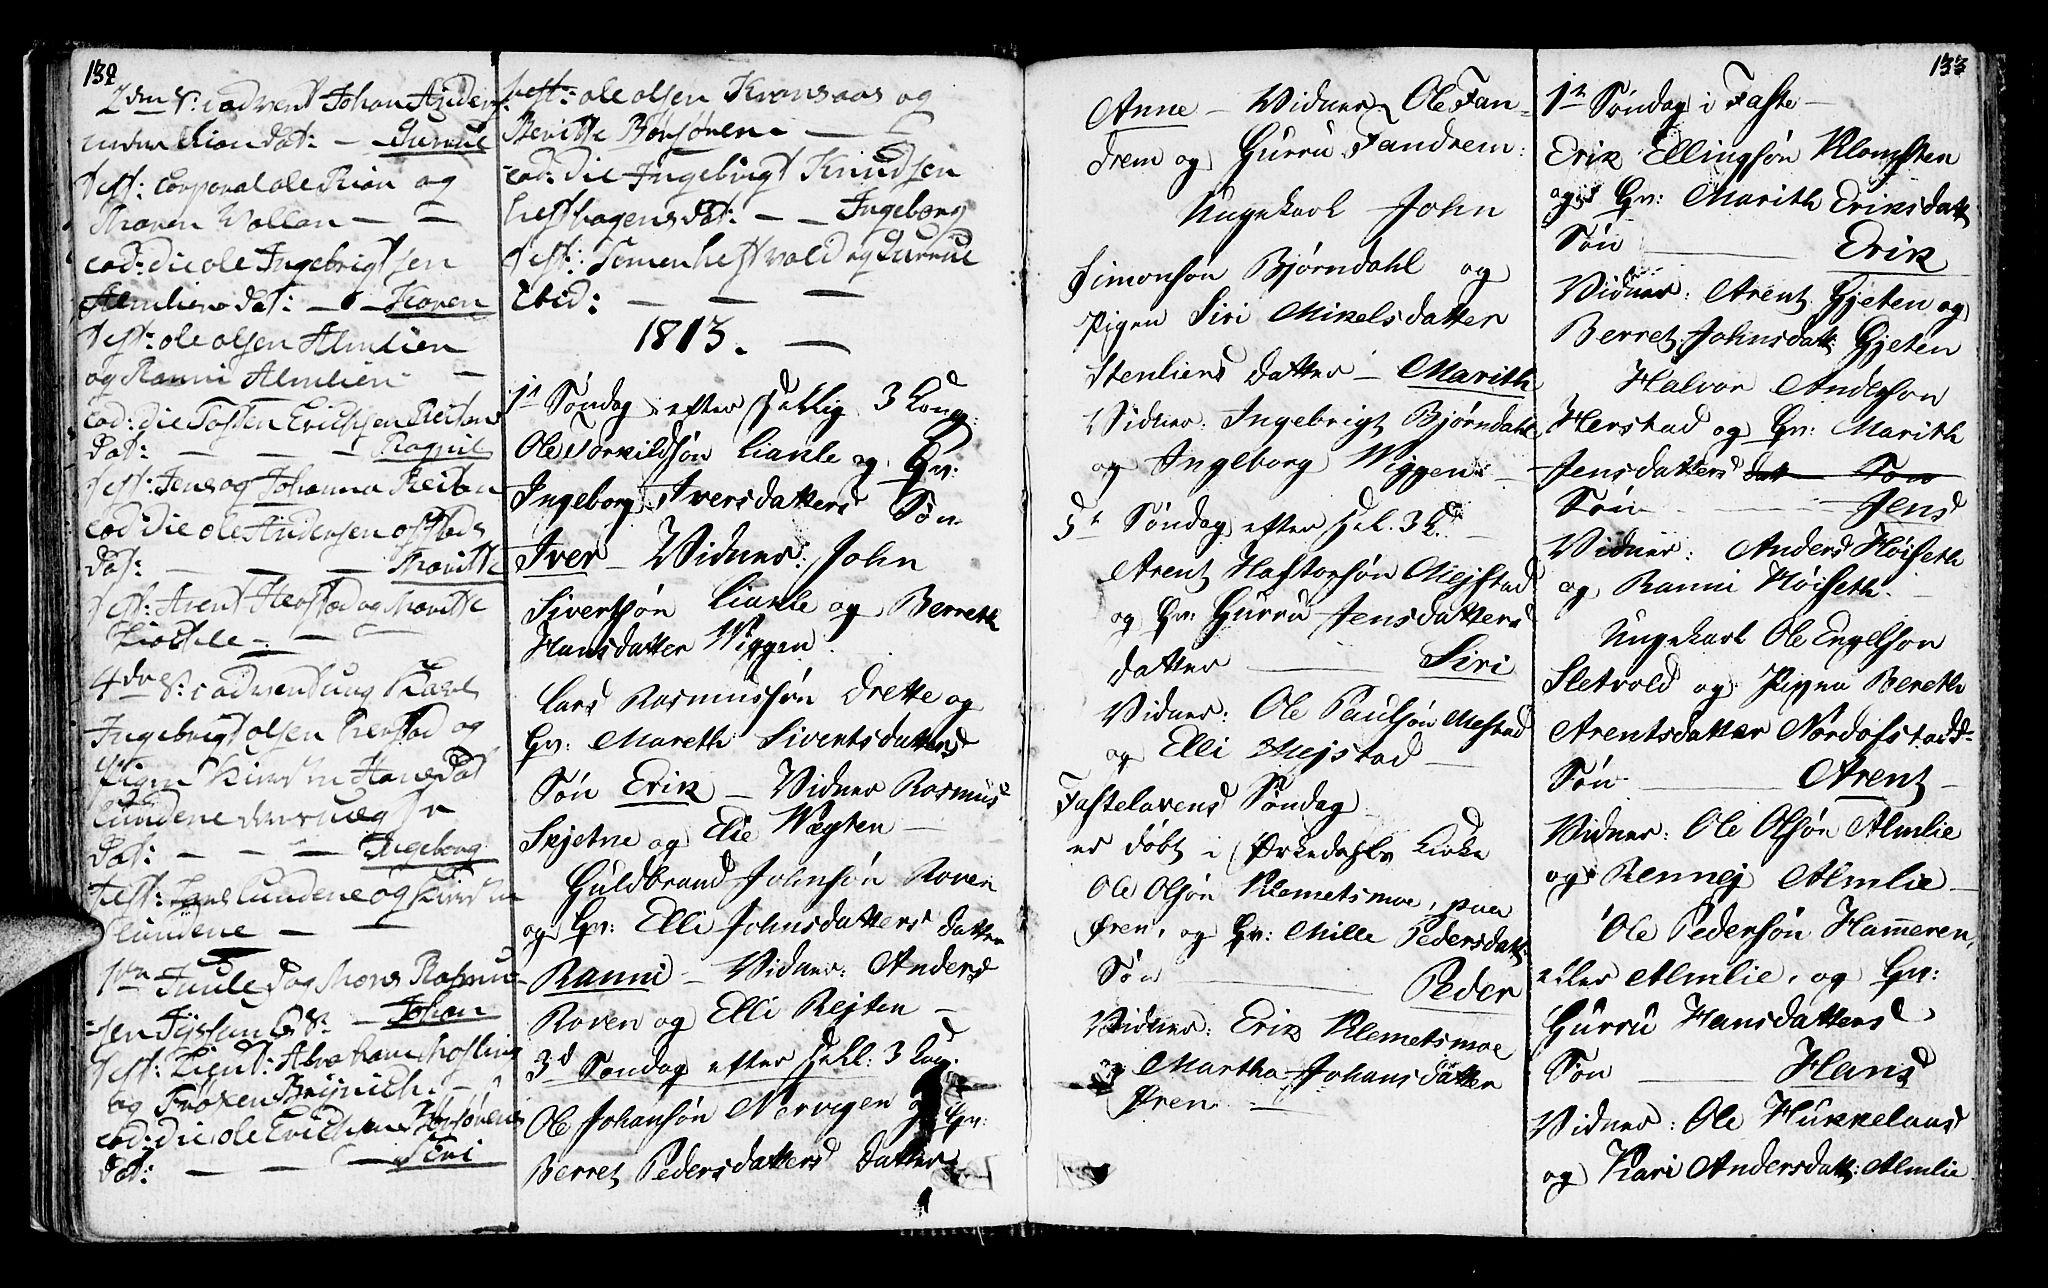 SAT, Ministerialprotokoller, klokkerbøker og fødselsregistre - Sør-Trøndelag, 665/L0769: Ministerialbok nr. 665A04, 1803-1816, s. 132-133